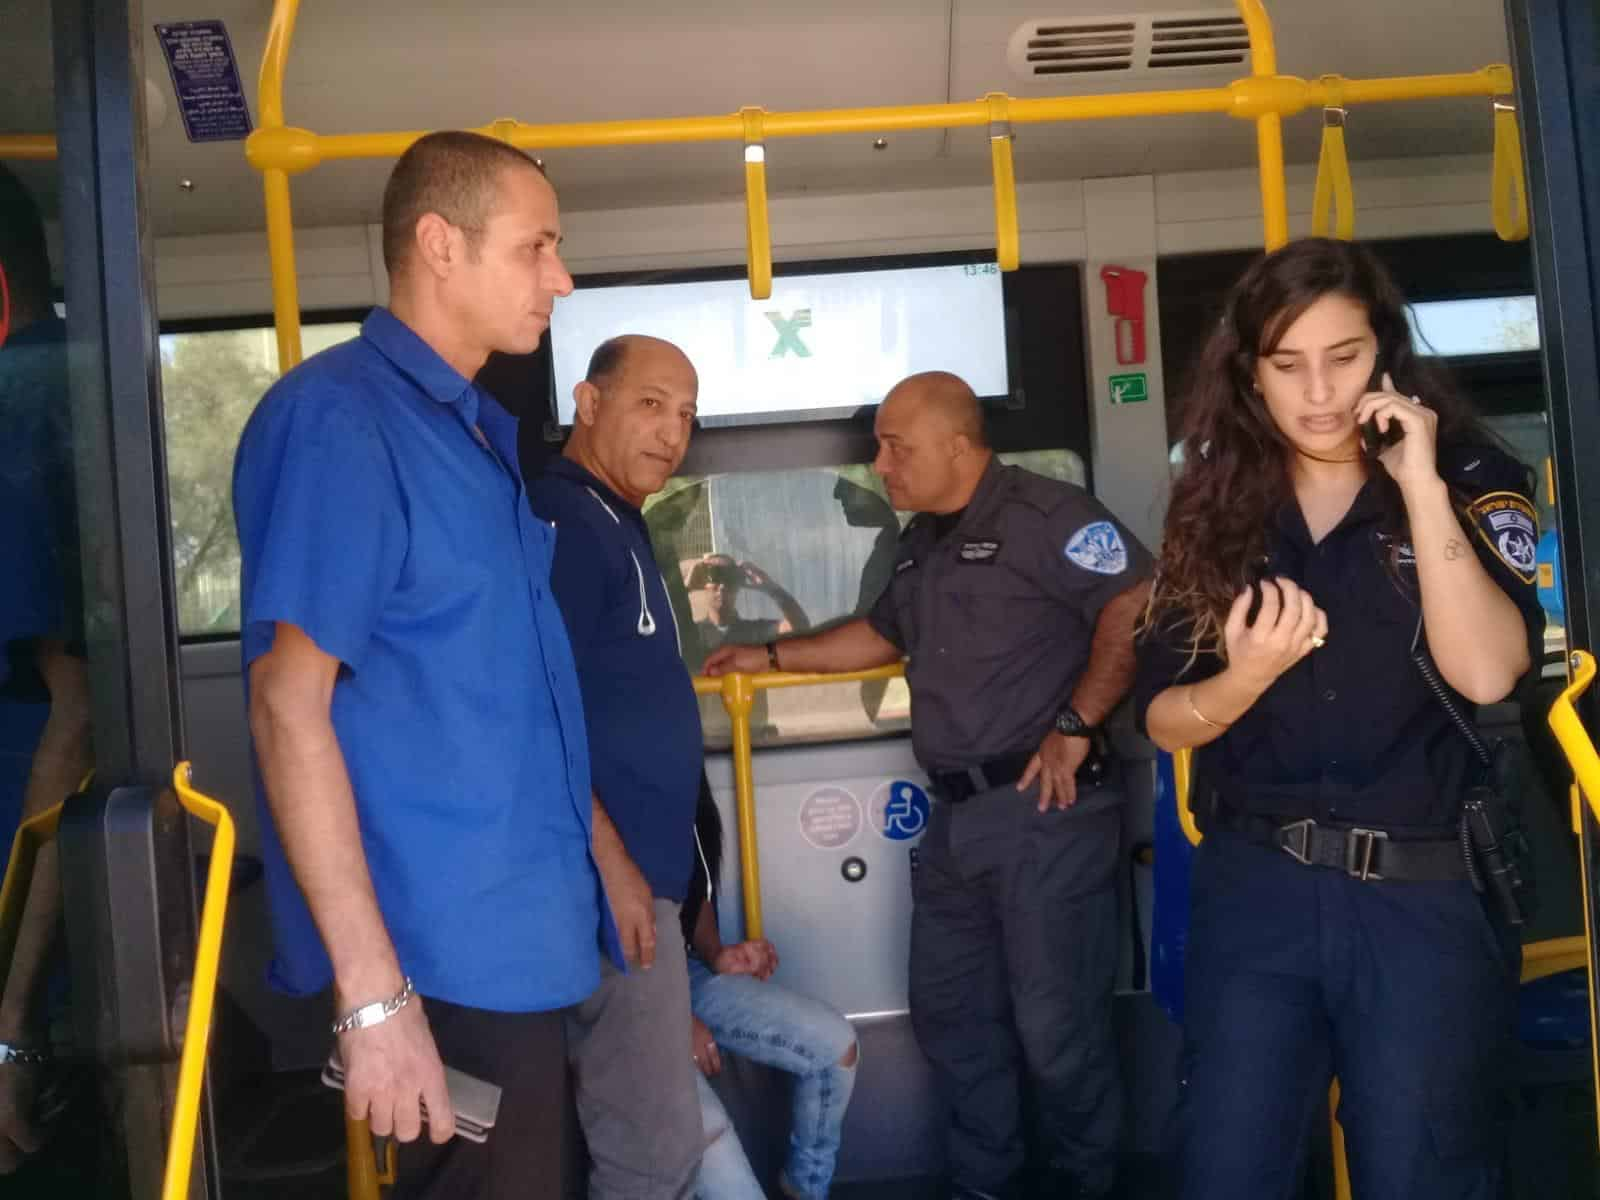 קרית ים: השיטור הקהילתי הציל  חייה של נוסעת שהתמוטטה באוטובוס